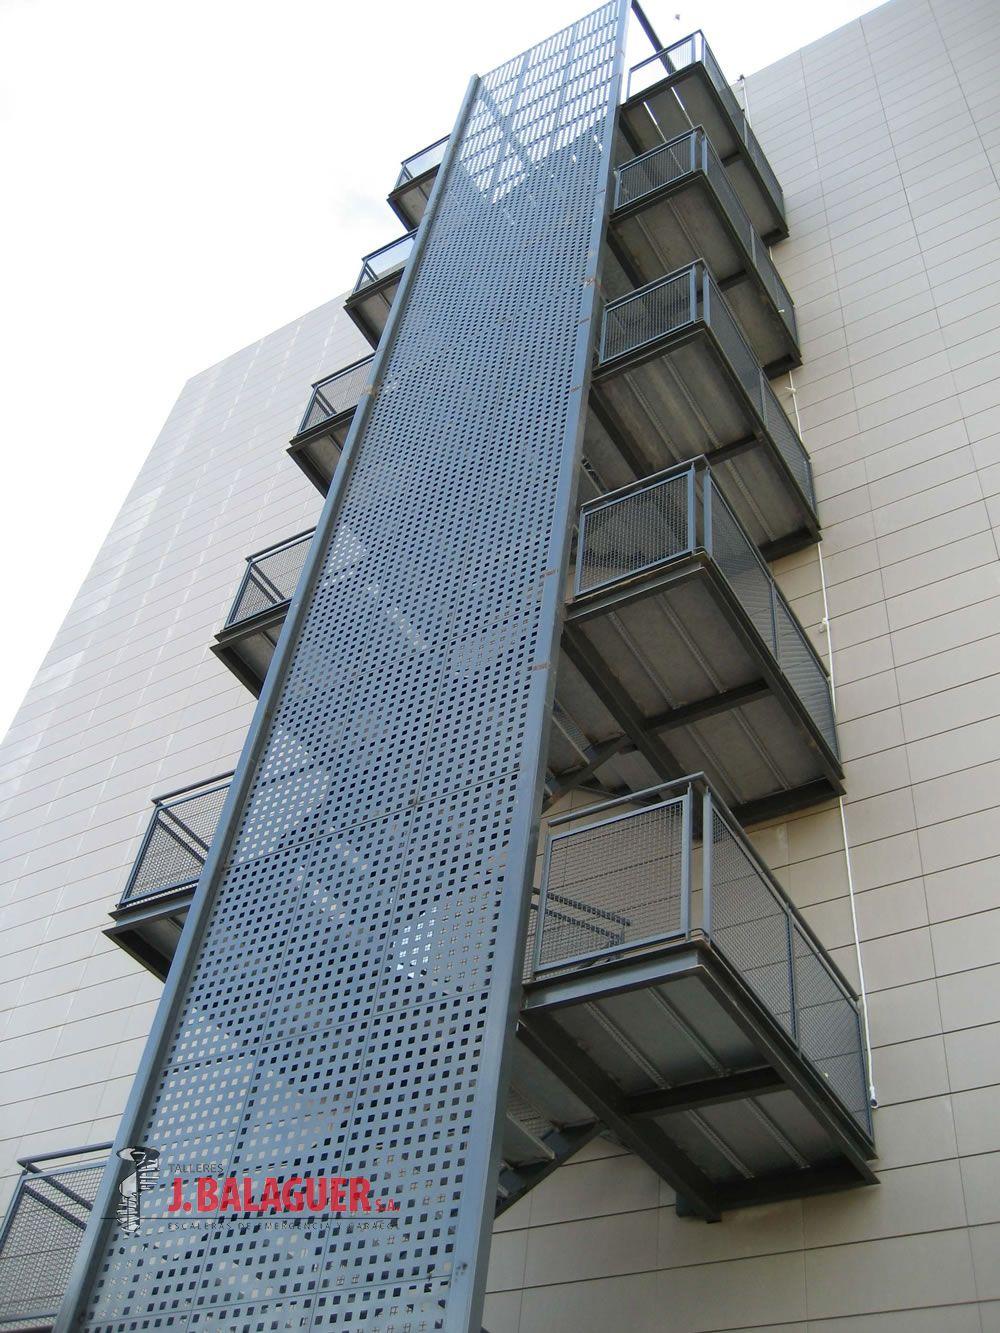 Galeria de escaleras de tramos rectos escaleras balaguer for Dimensiones de escaleras